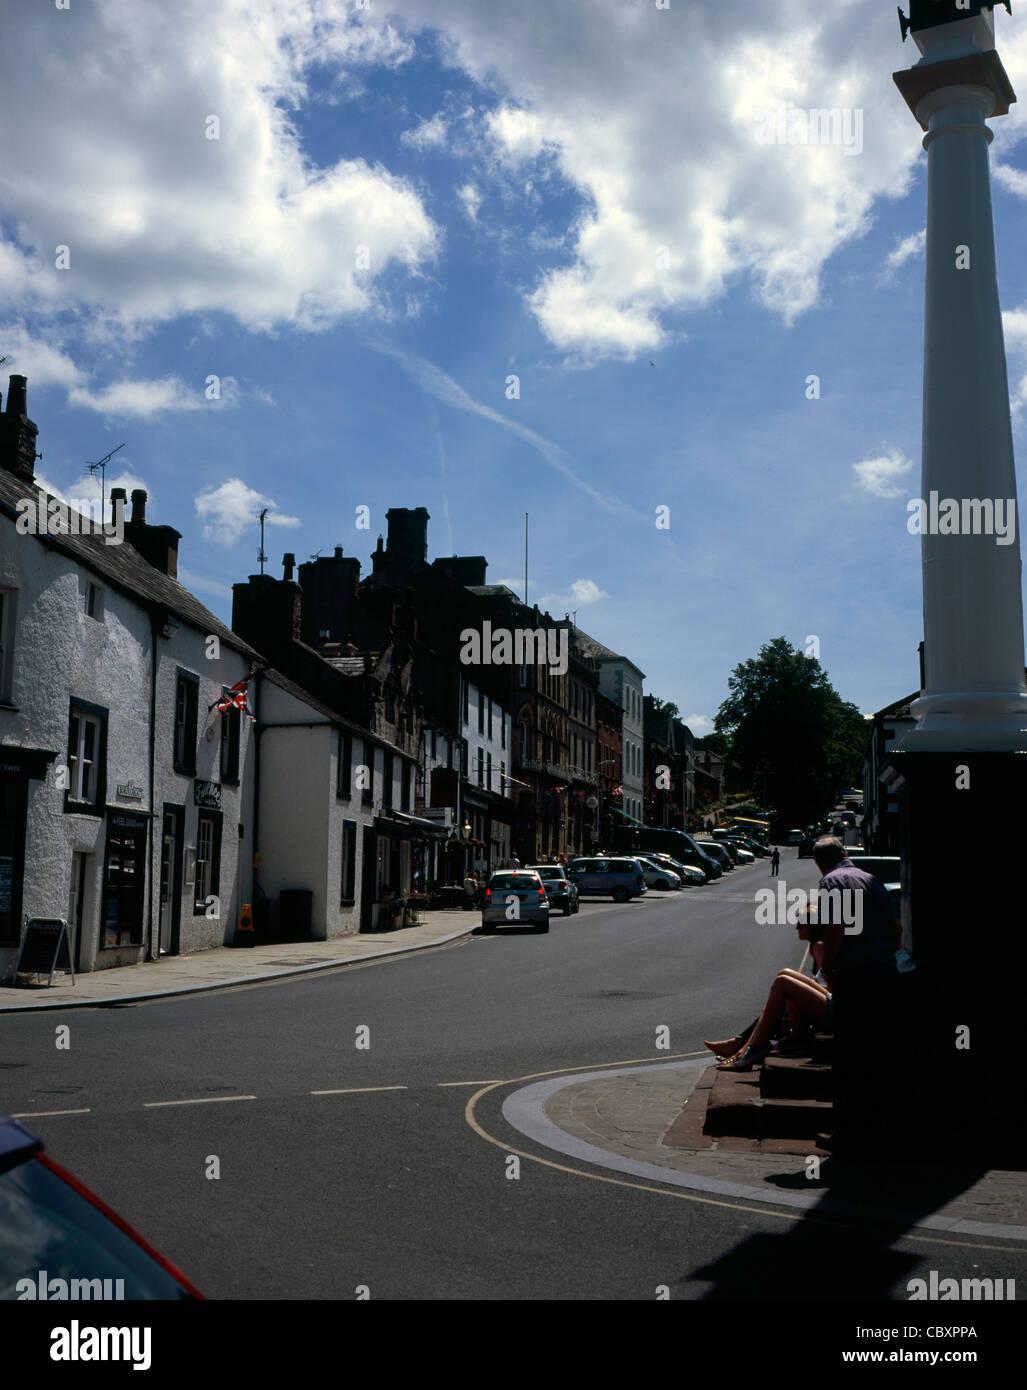 Boroughgate Appleby-in-Westmorland Cumbria England - Stock Image